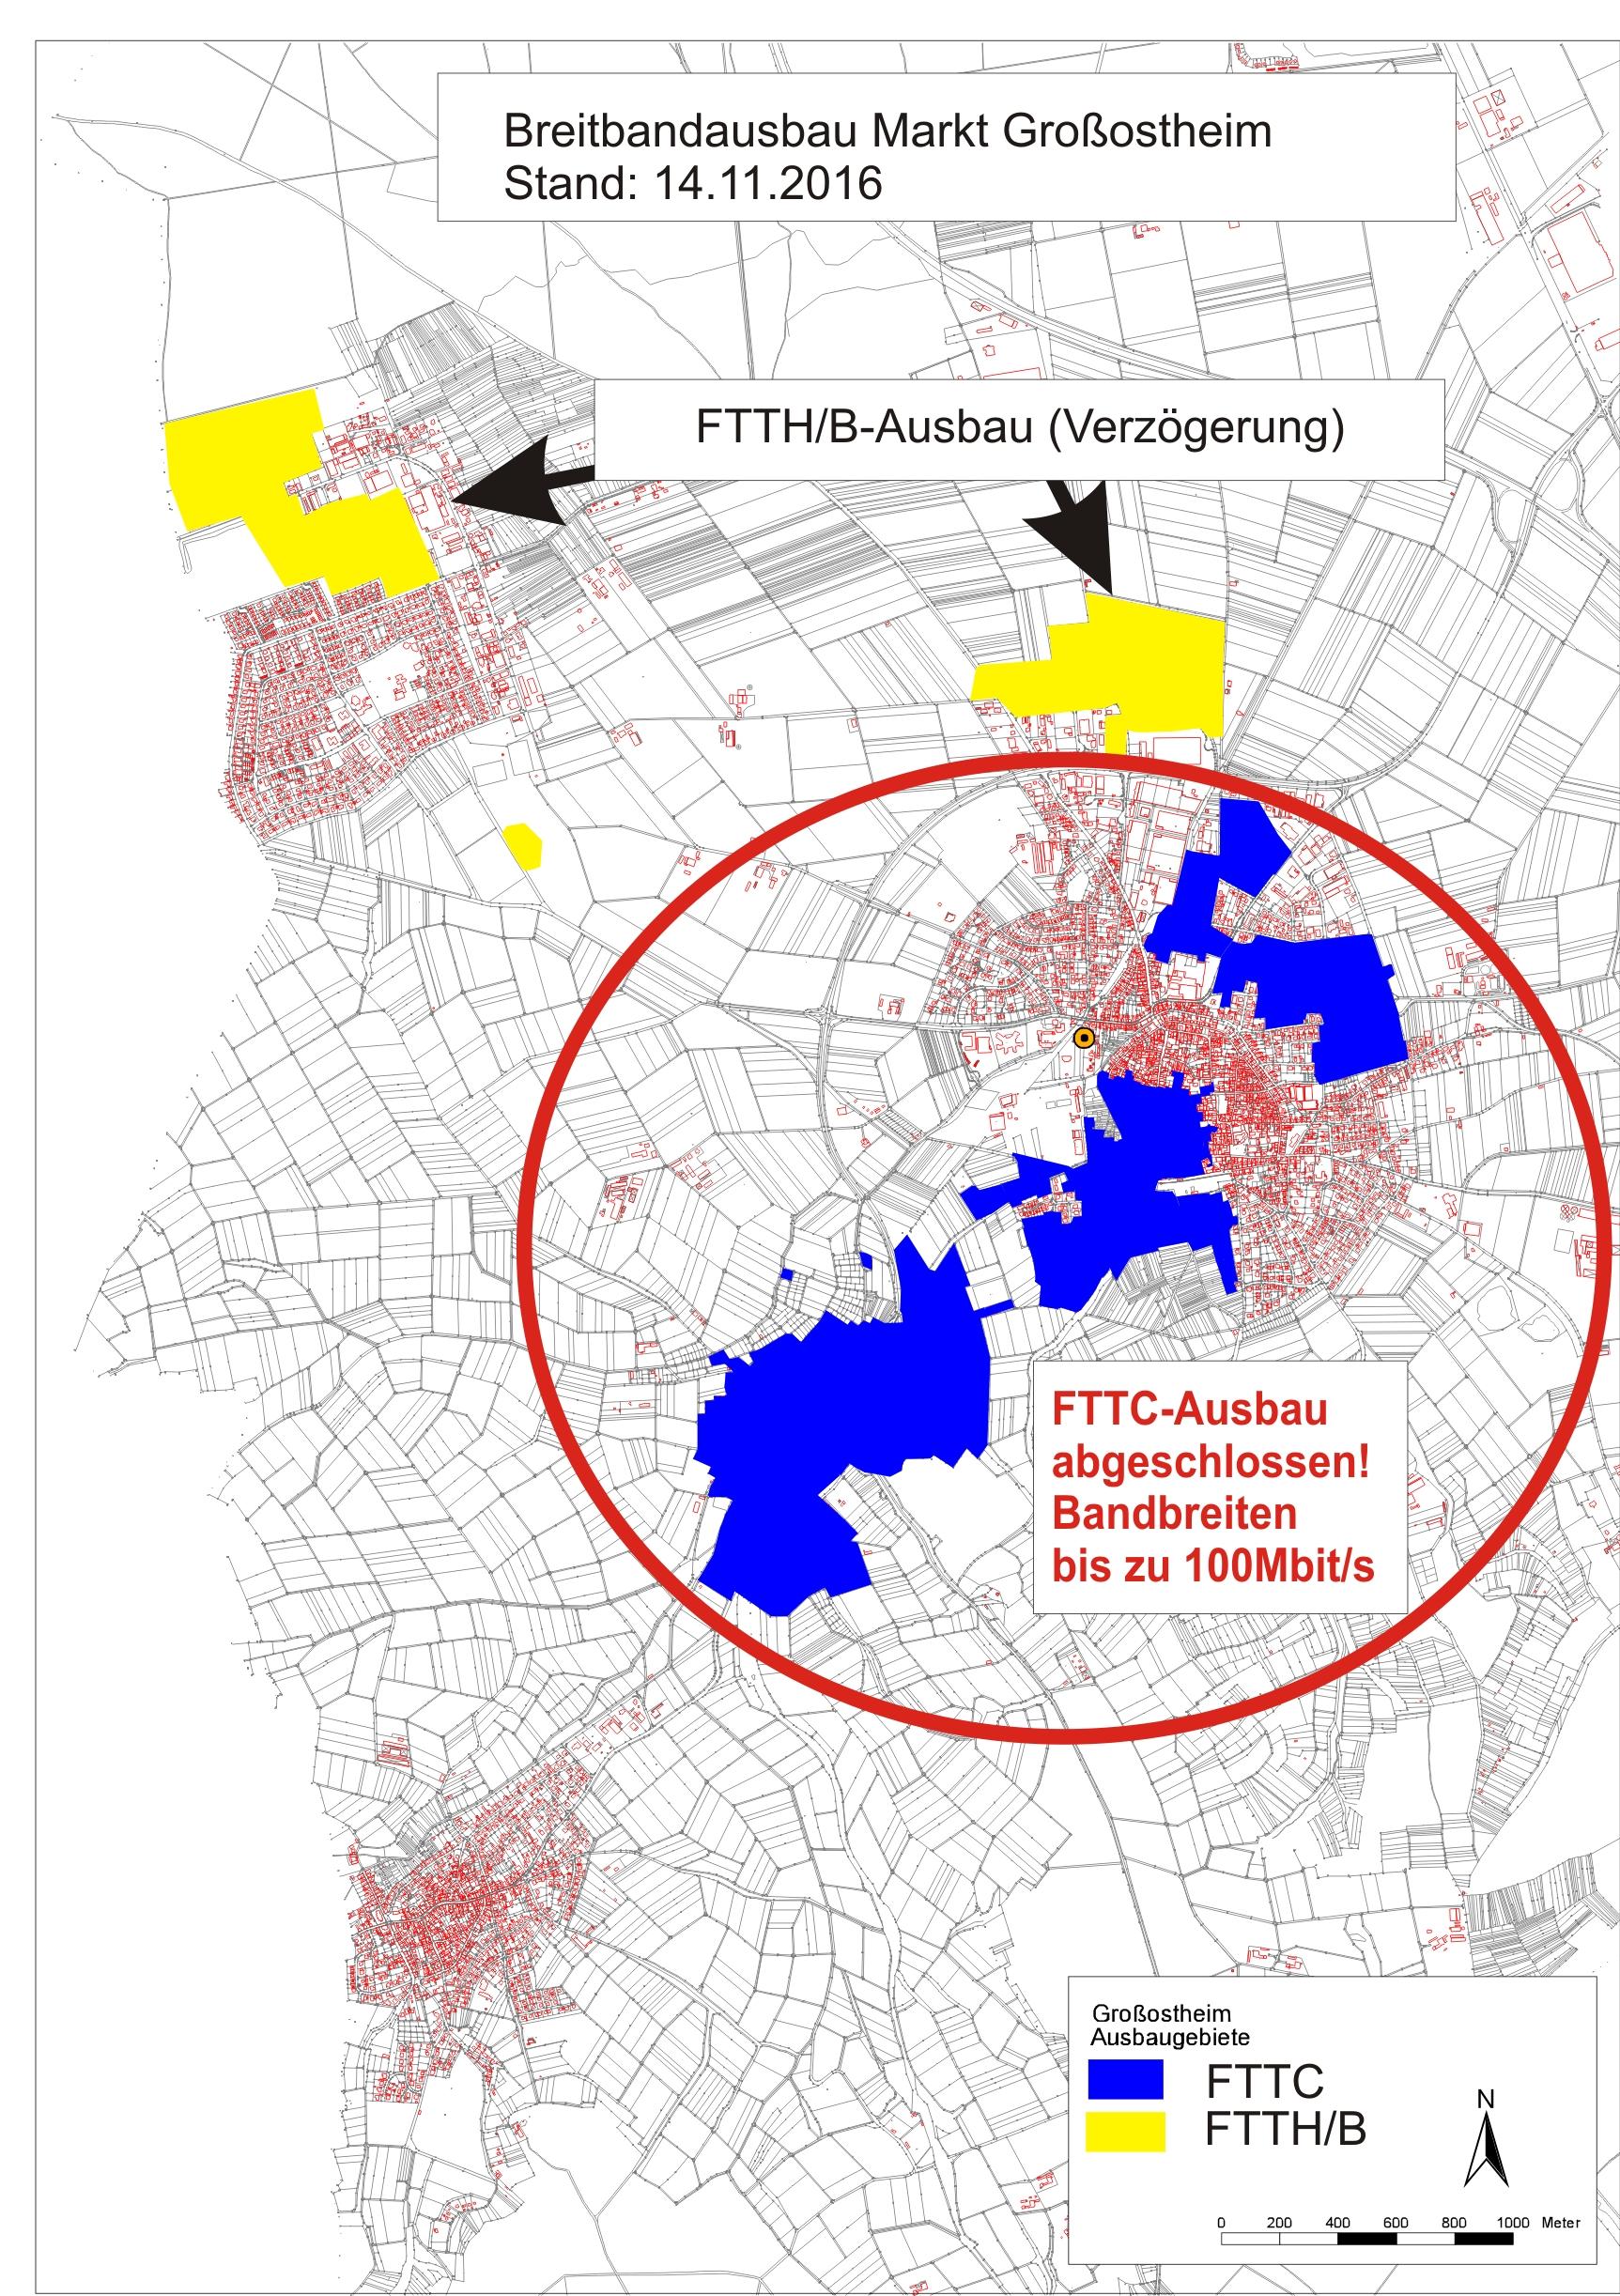 Telekom Dsl Verfügbarkeit Karte.Breitbandausbau